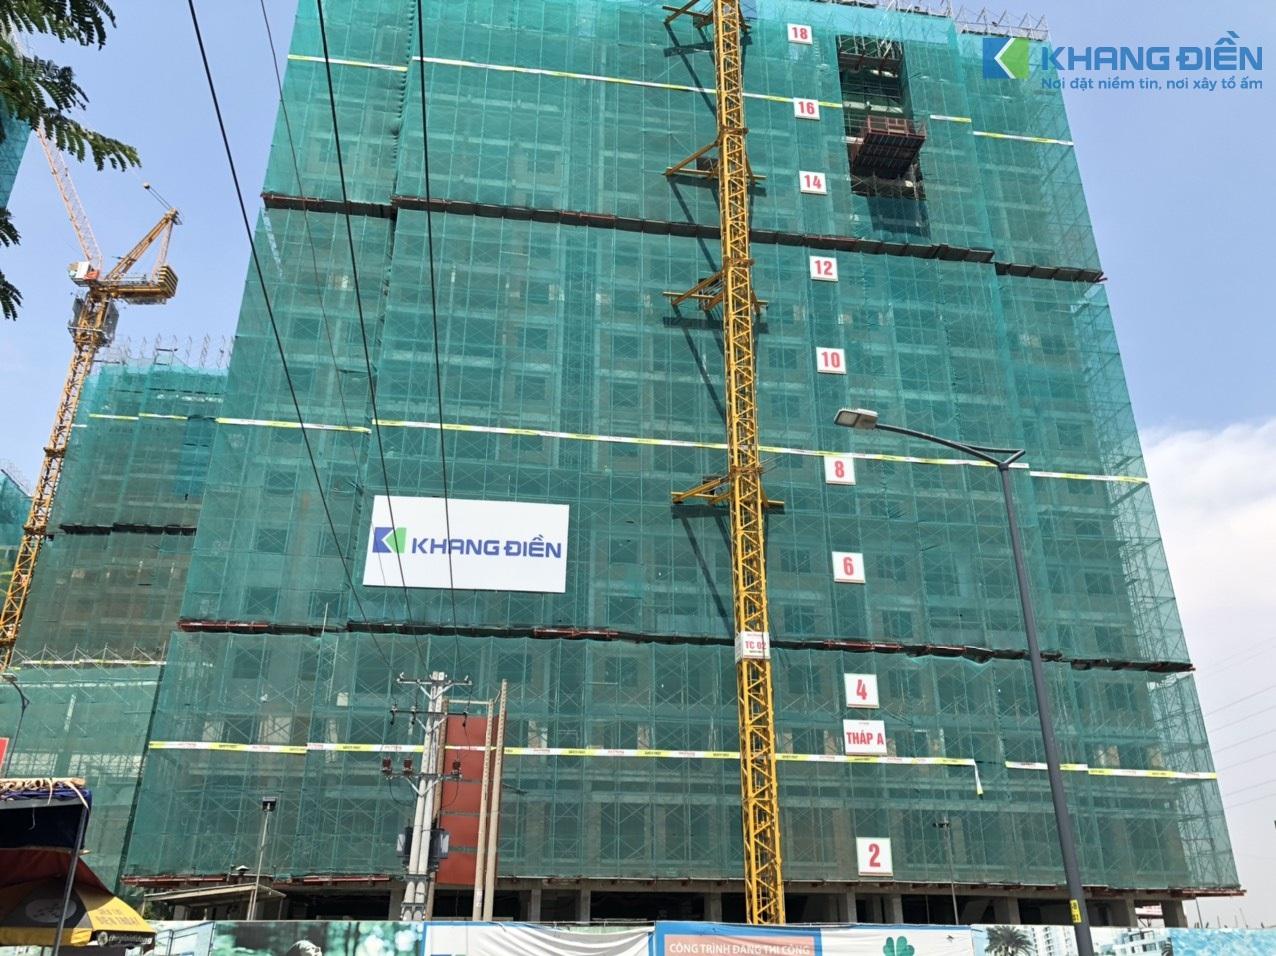 Block A cũng đang khẩn trương hoàn thành những công đoạn cuối để tiến hành cất nóc trong Tháng 05-2020 - Khang Điền HCM